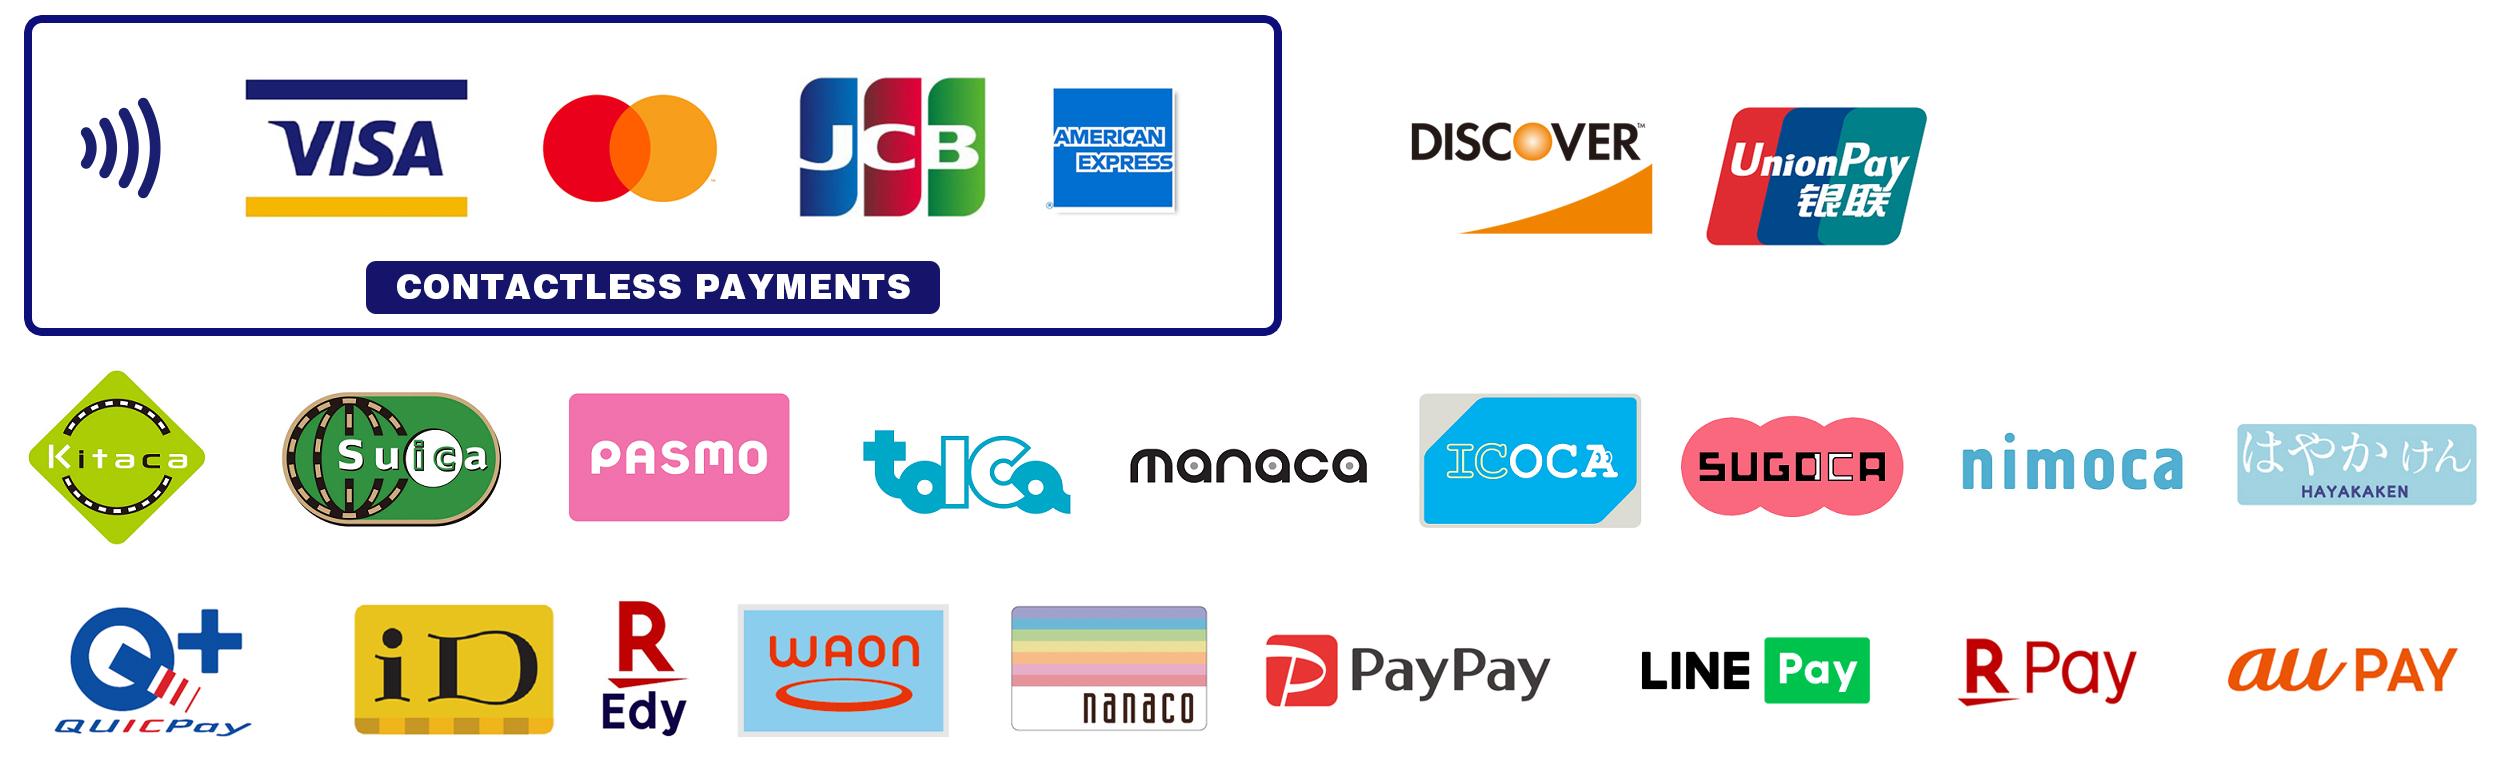 MOONEYES Area-1, MOON Cafe でクレジットカードのコンタクトレス決済がご利用可能になりました。